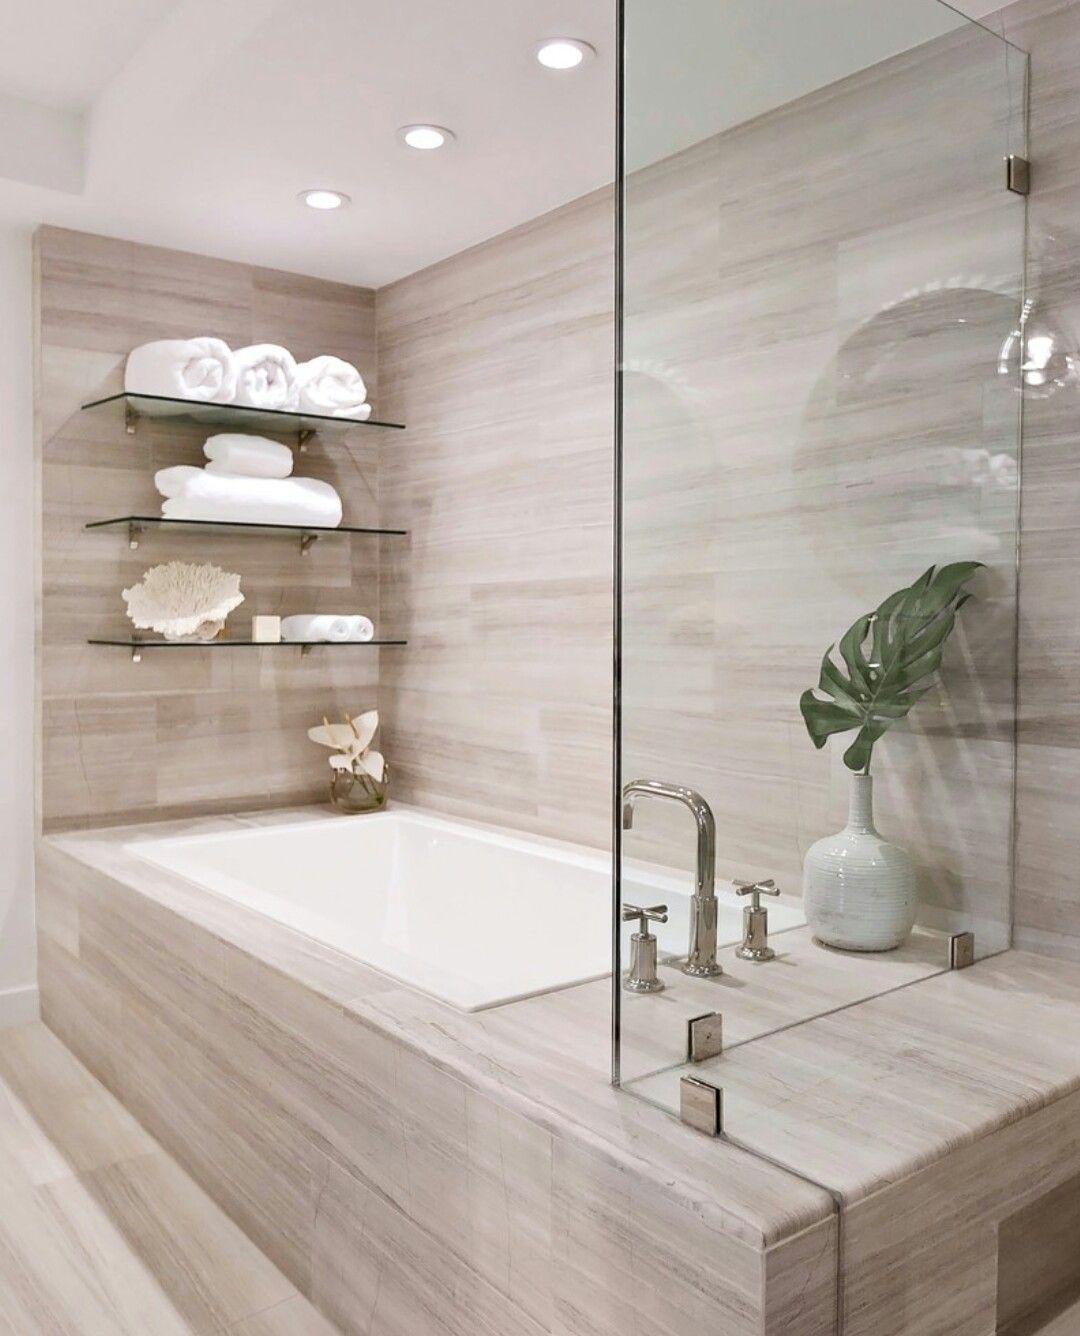 Elegantes badezimmerdekor pin von irene moller auf bad  pinterest  badezimmer baden und haus